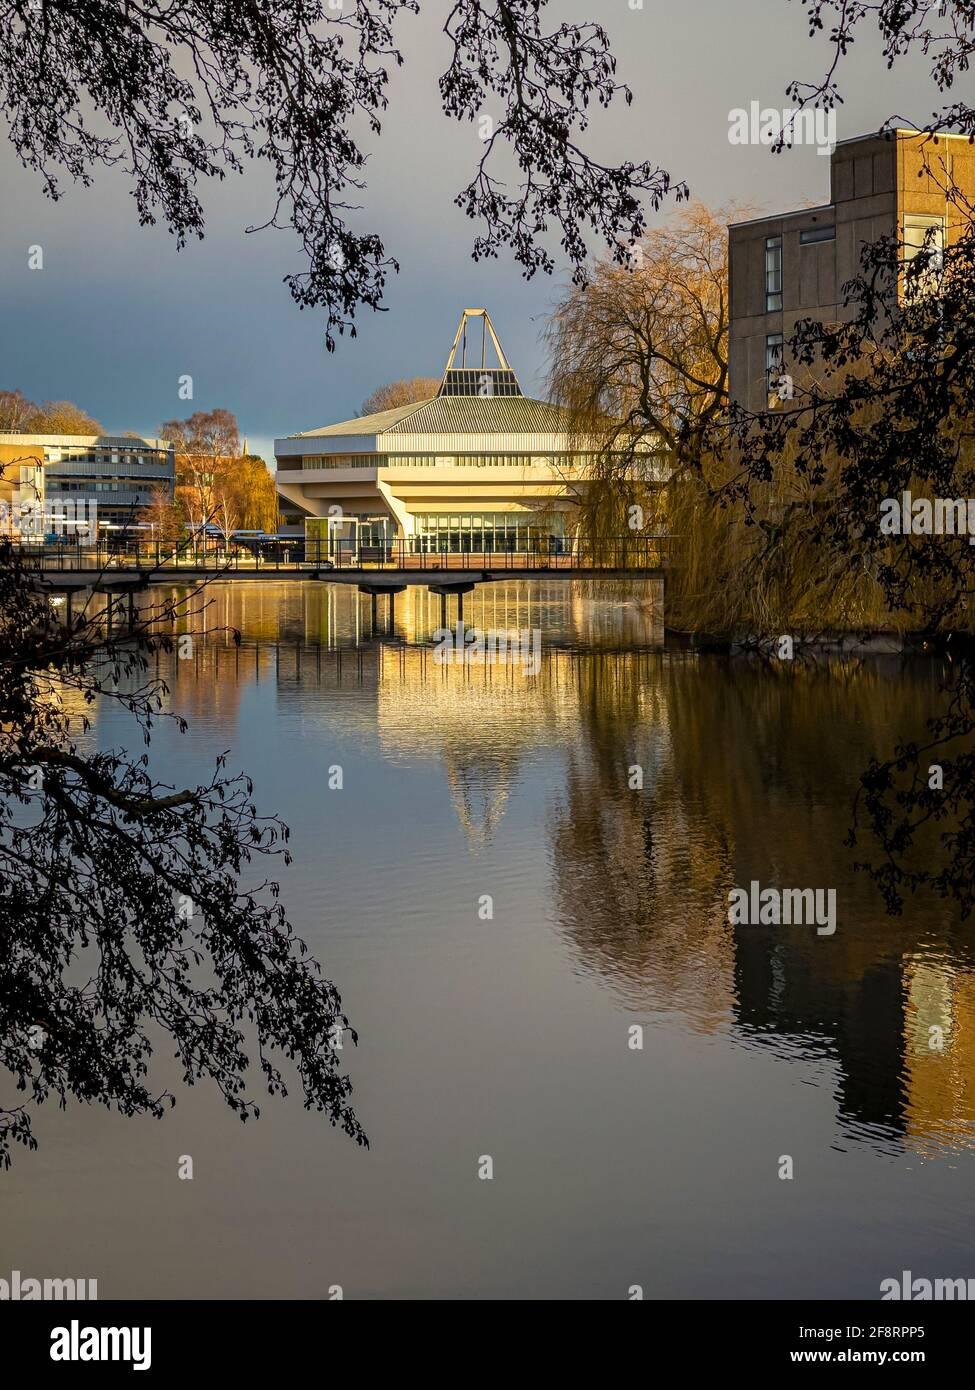 Lago e sala centrale con il ponte Vanbrugh in primo piano alla York University, Regno Unito. Foto Stock